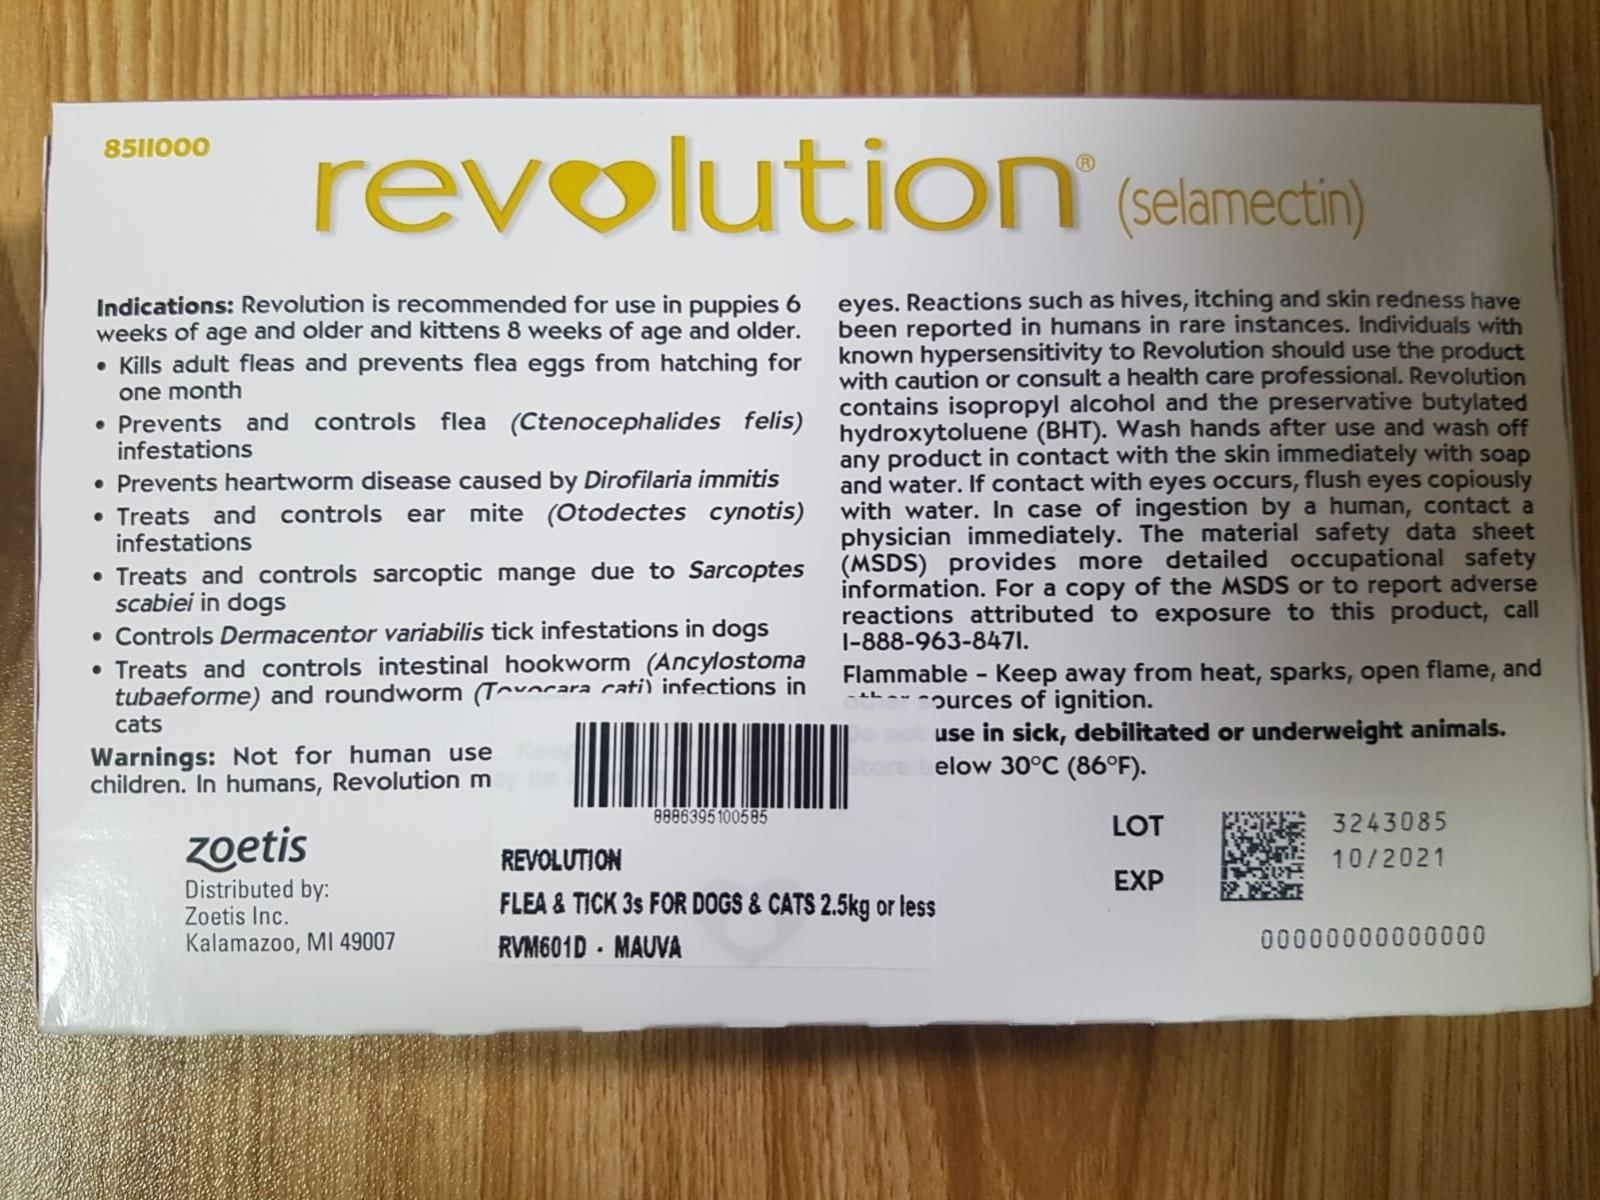 WTS Unopen Revolution Flea & Tick Prevention under 2.5kg